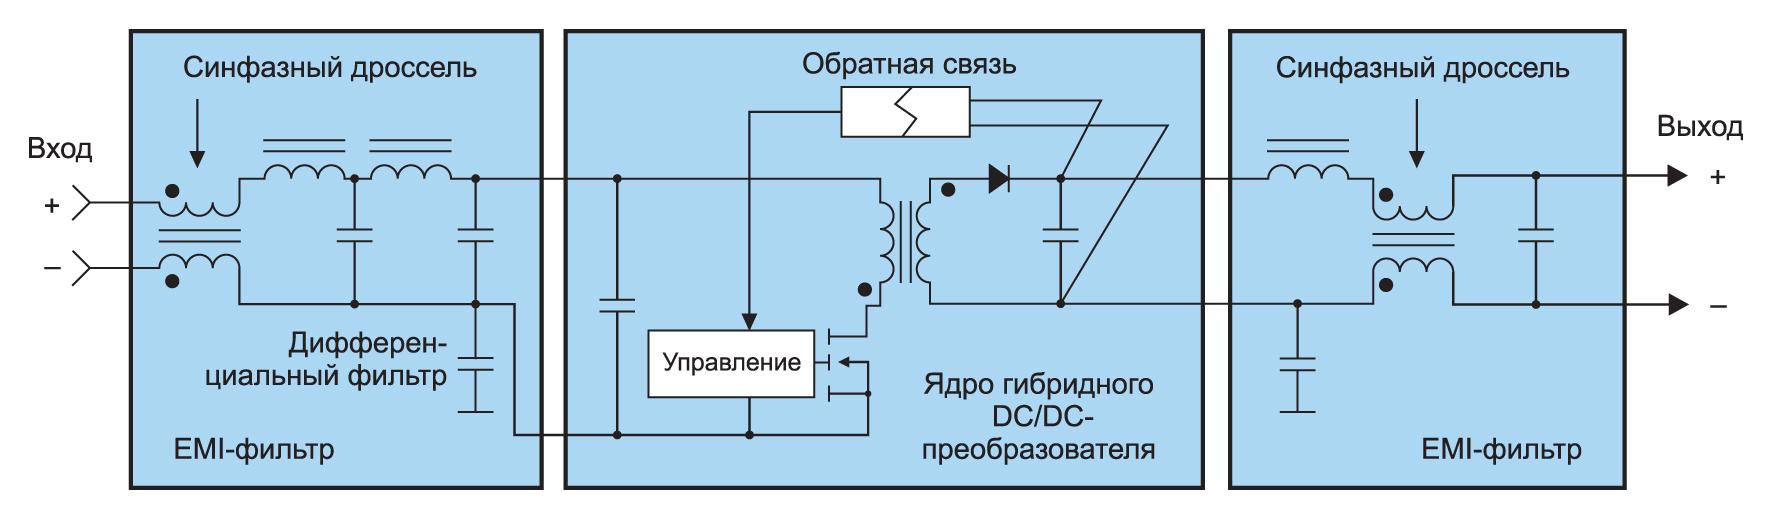 Структурная схема ГП